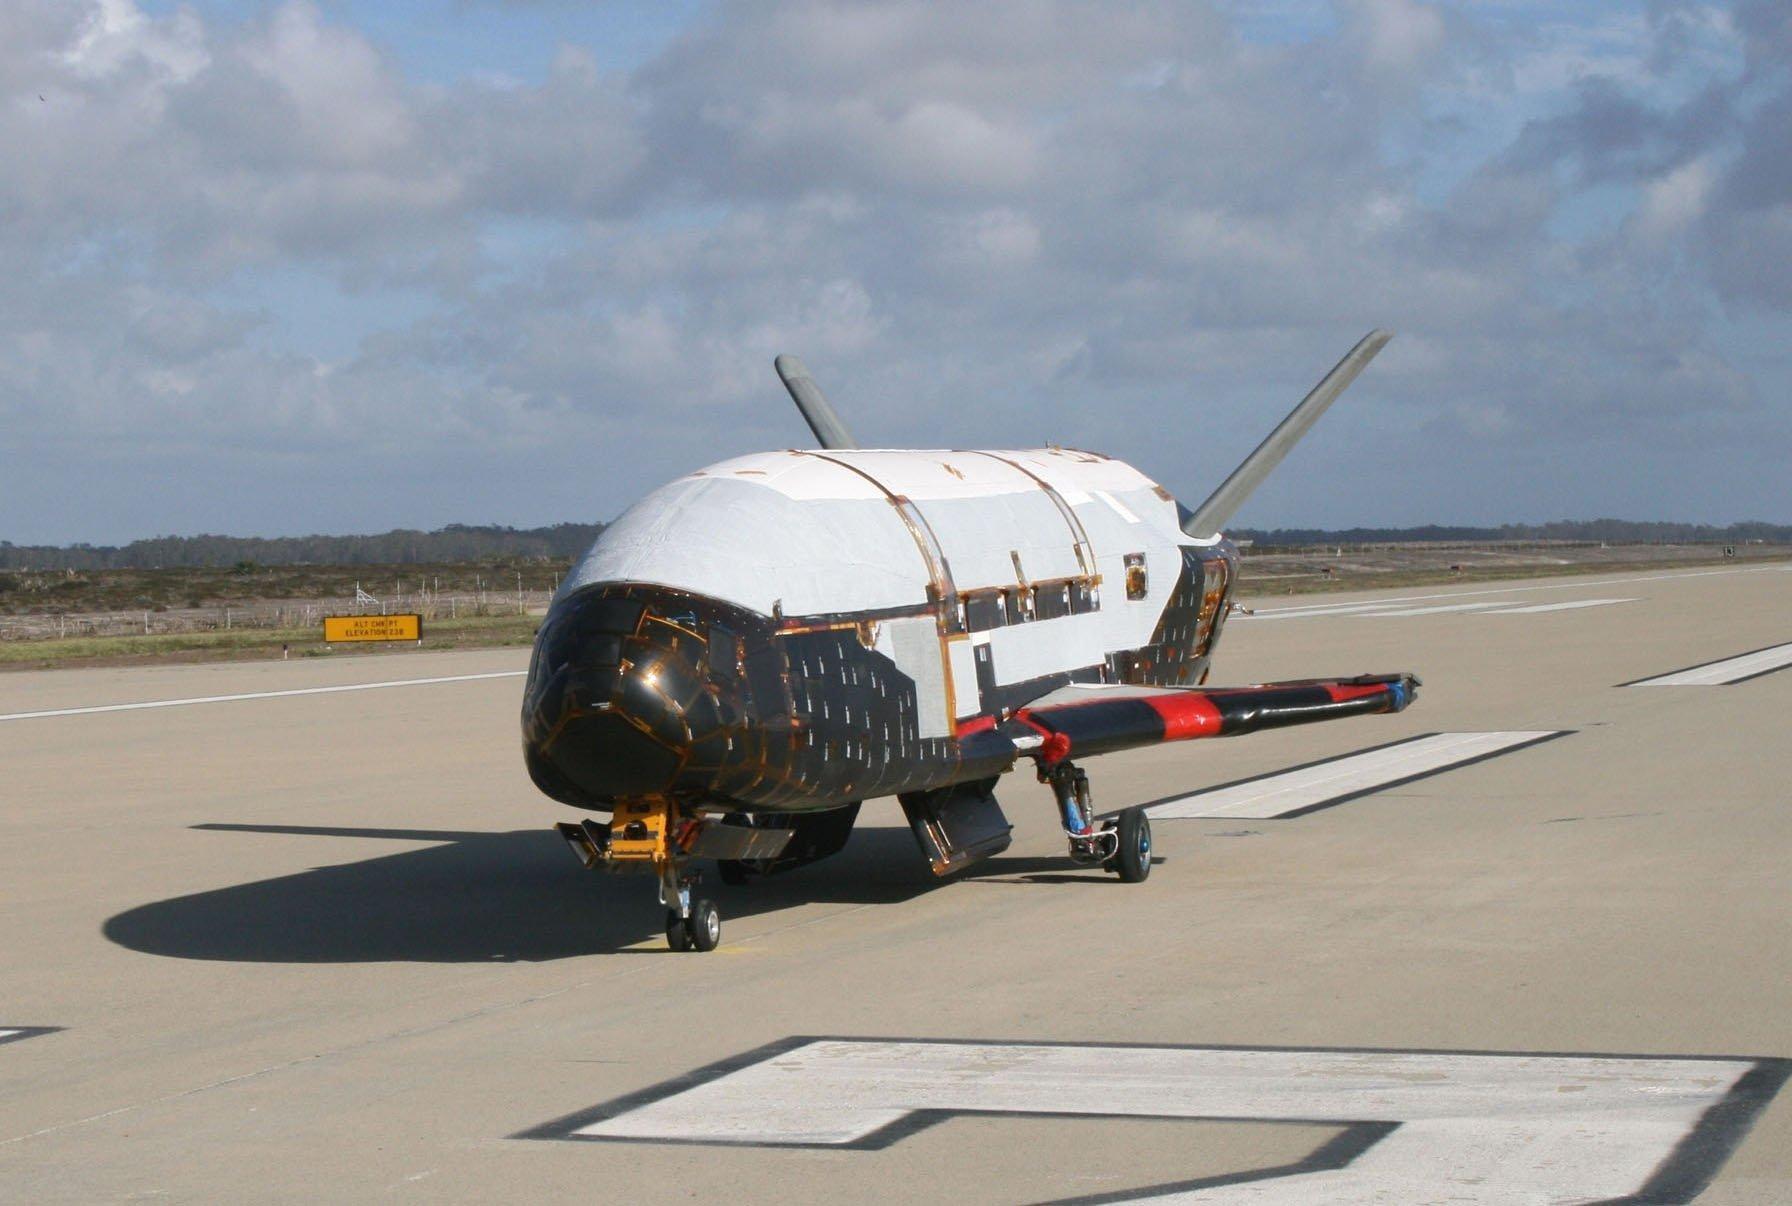 Das unbemannte Shuttle X-37B steht bei Sonnenschein auf einer Landebahn